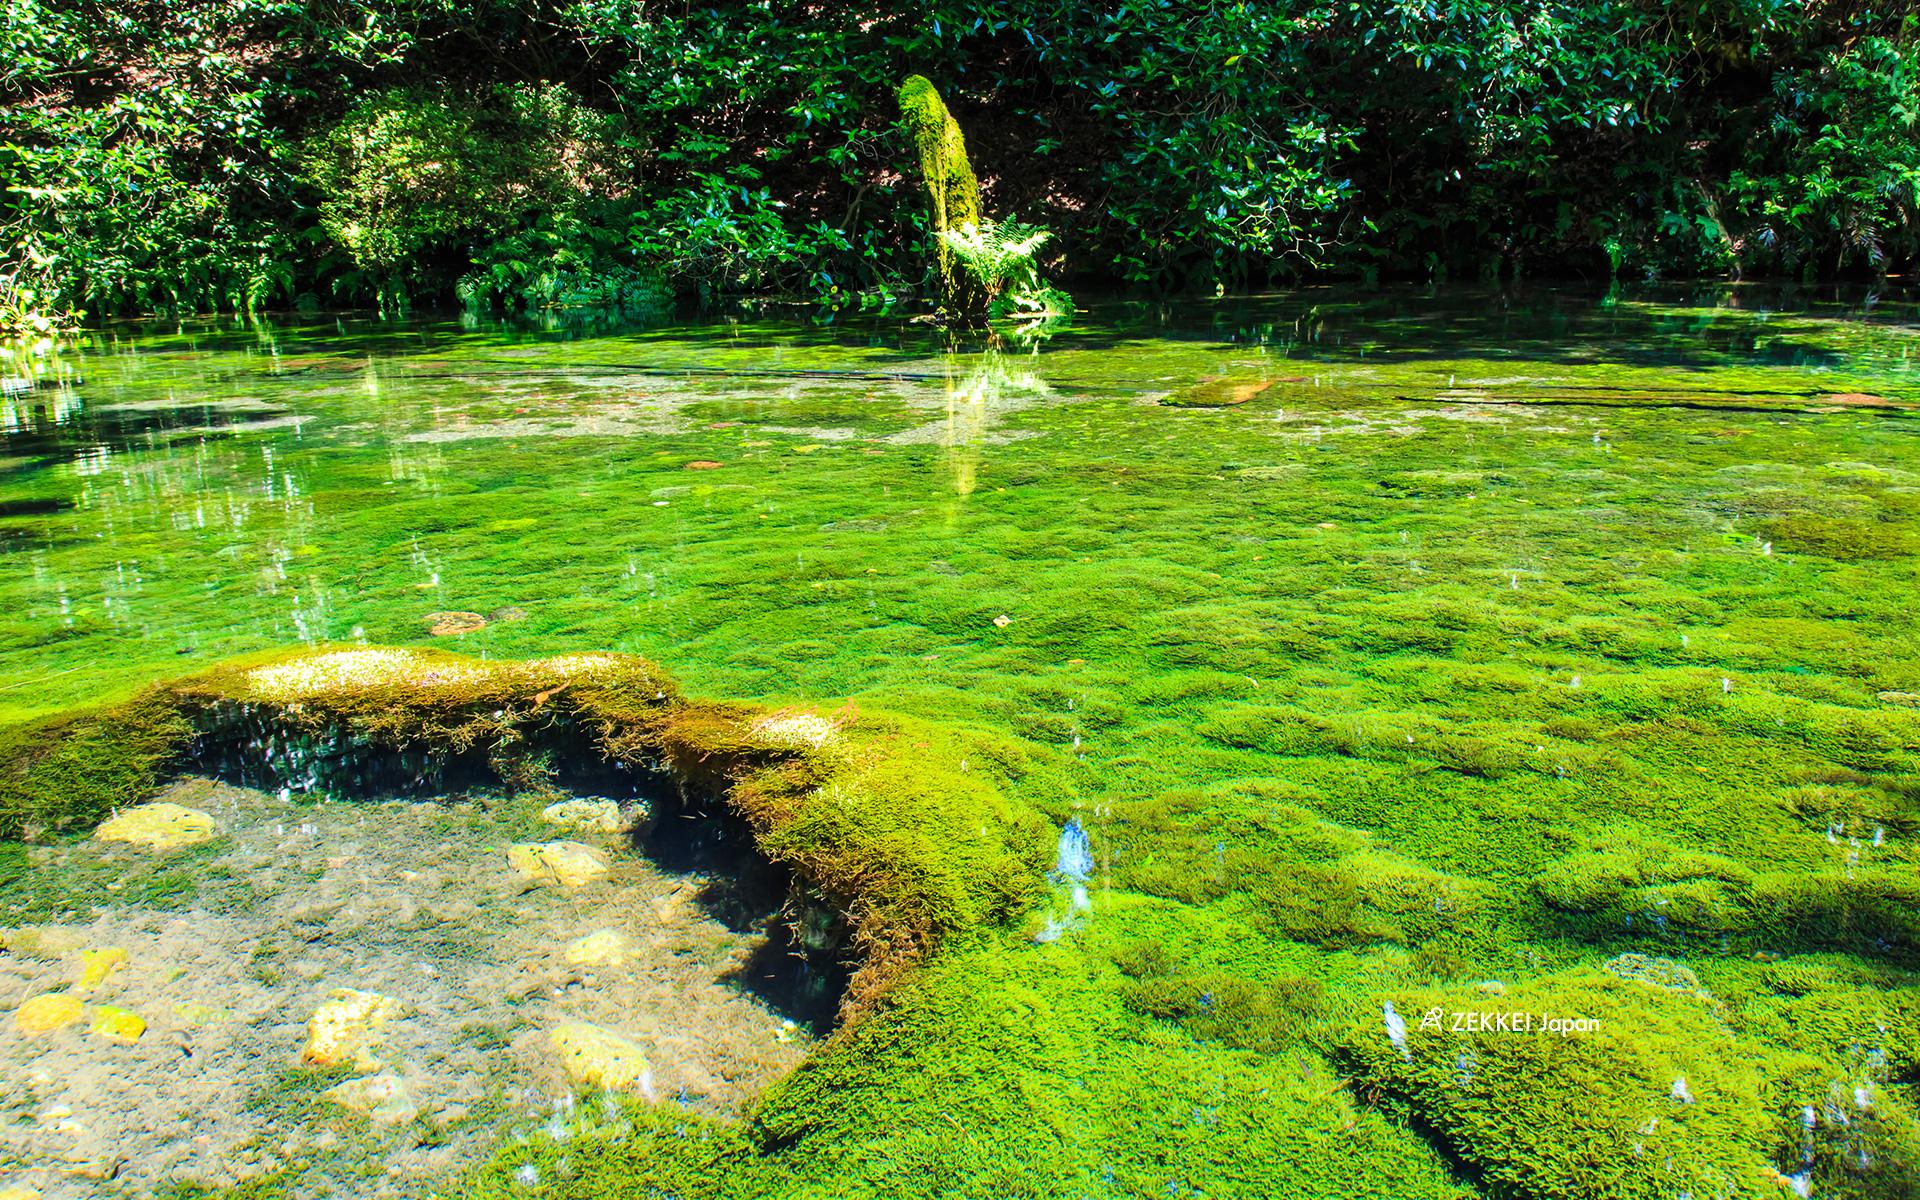 絶景壁紙 癒しの苔の絶景をあなたの待ち受けに Zekkei Japan